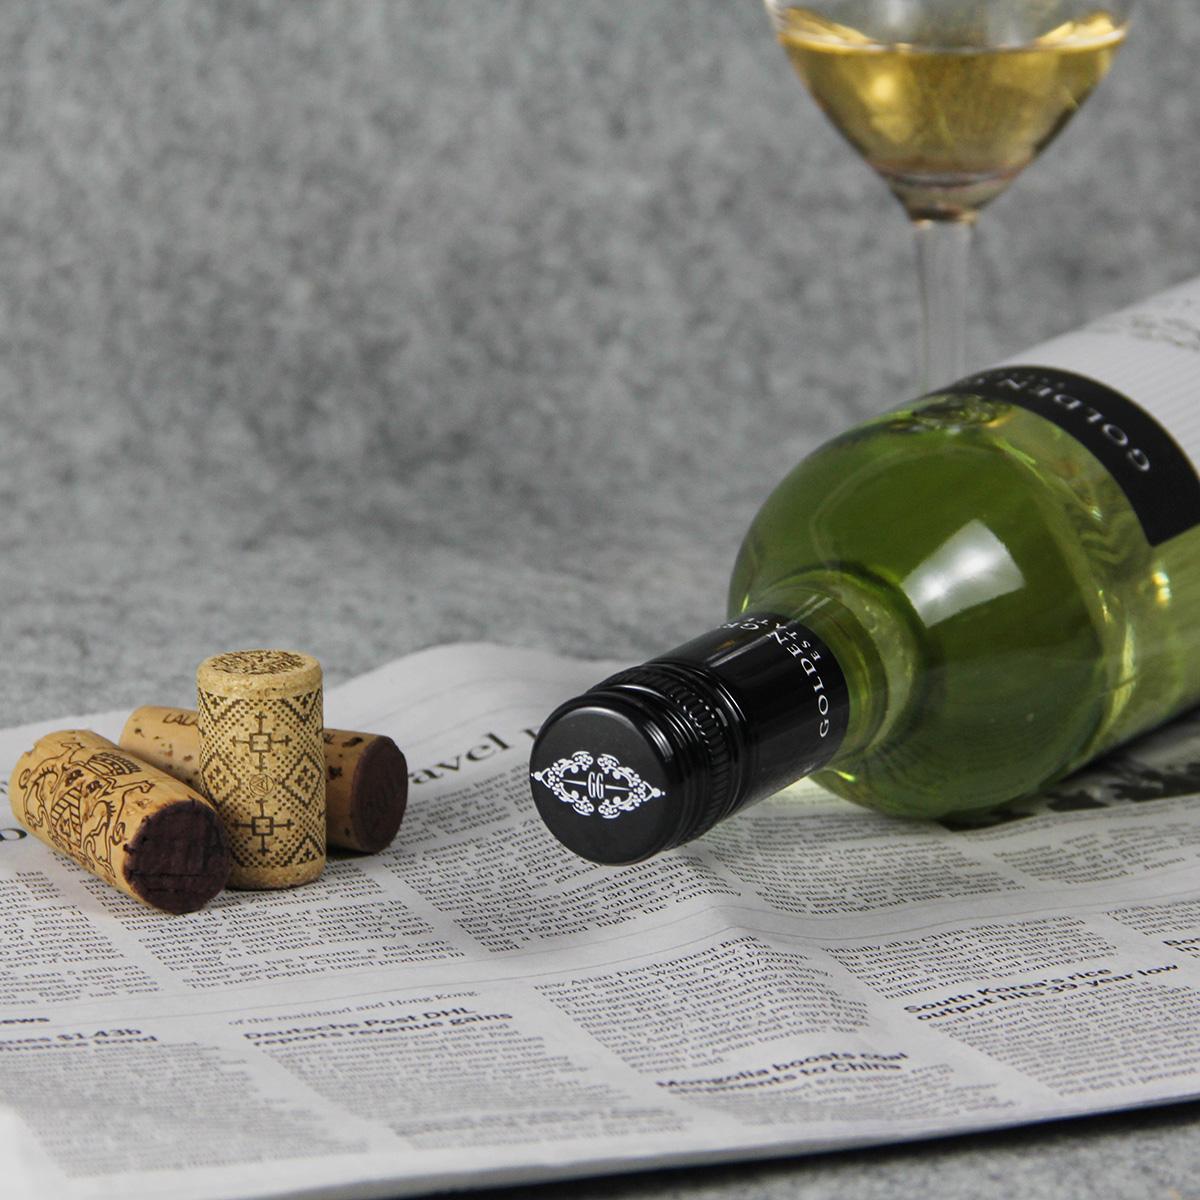 澳大利亚格兰纳特贝尔金林酒庄混酿穆斯卡迪安半甜白葡萄酒